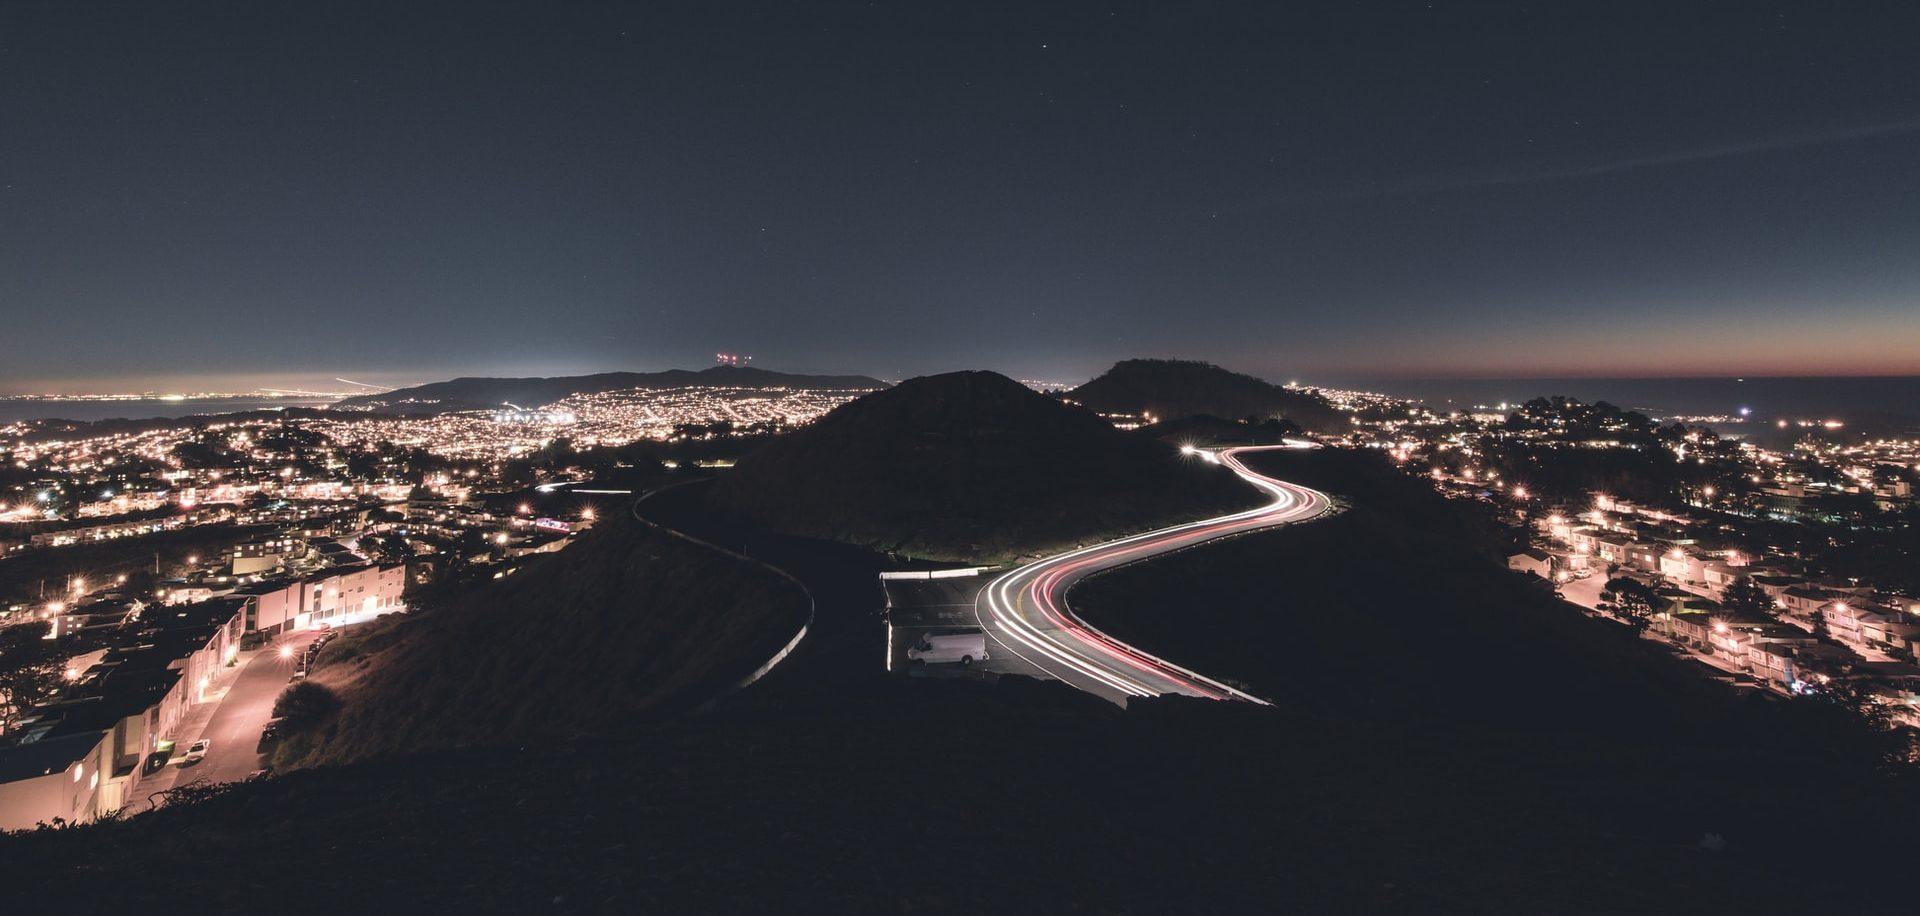 Twin Peaks at Night